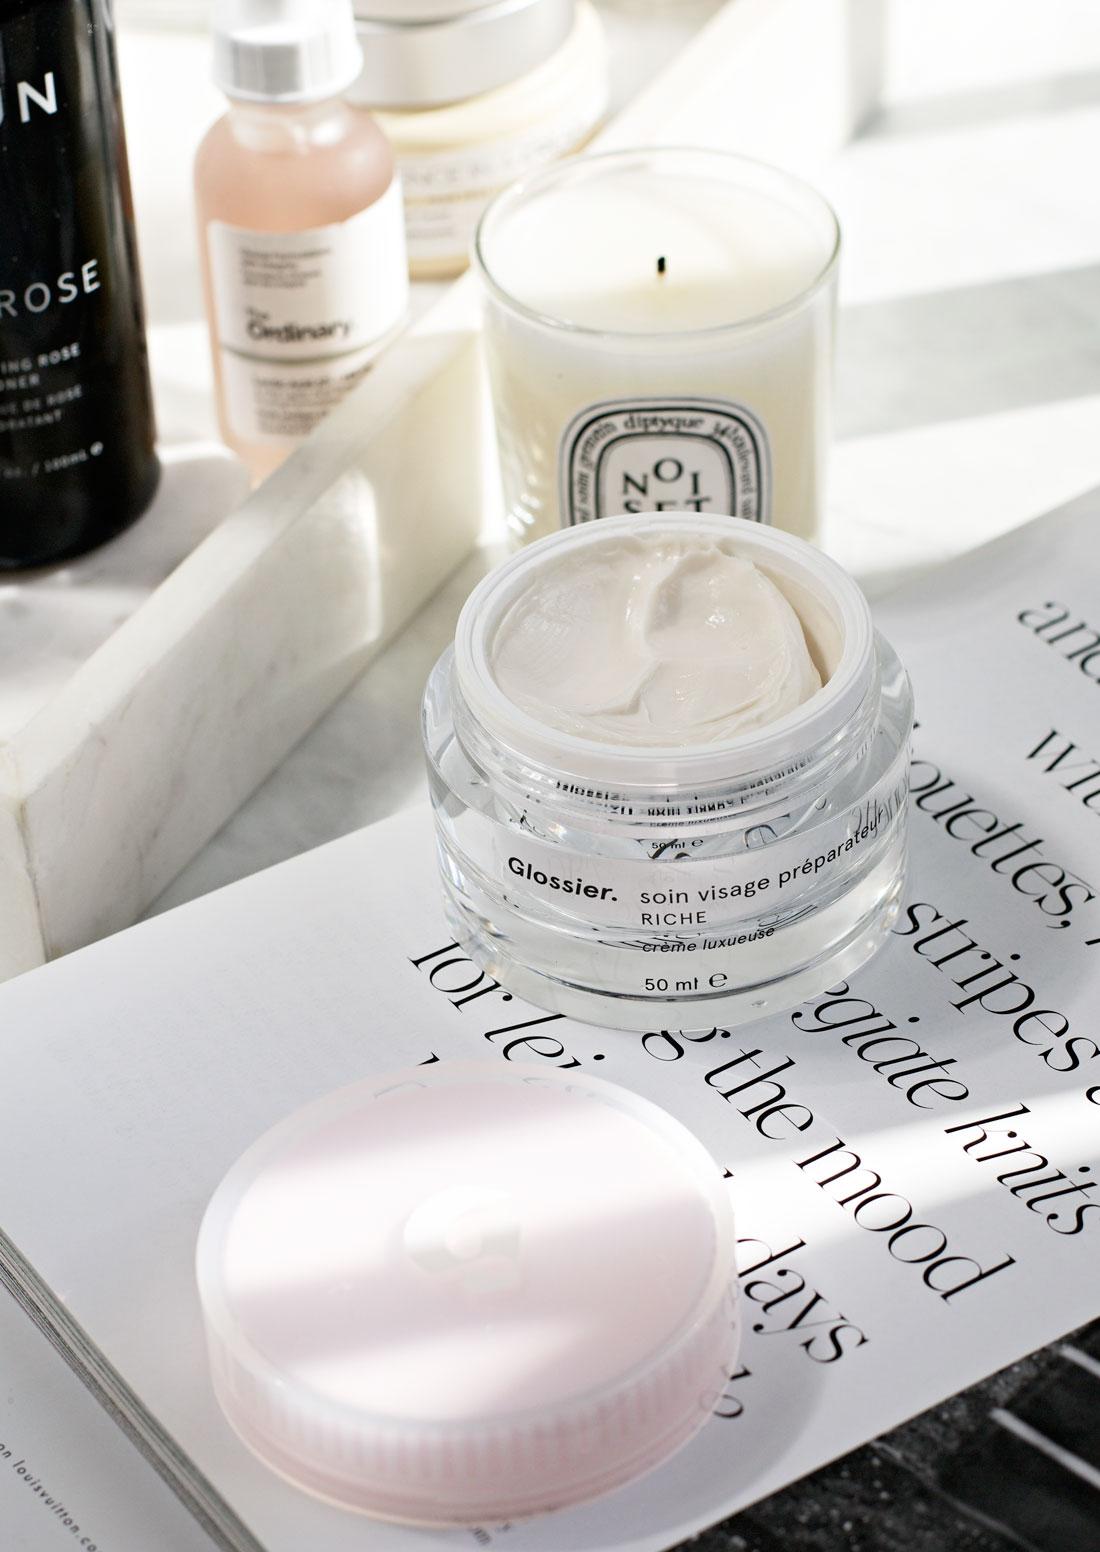 glossier-primimg-rich-moisturizer